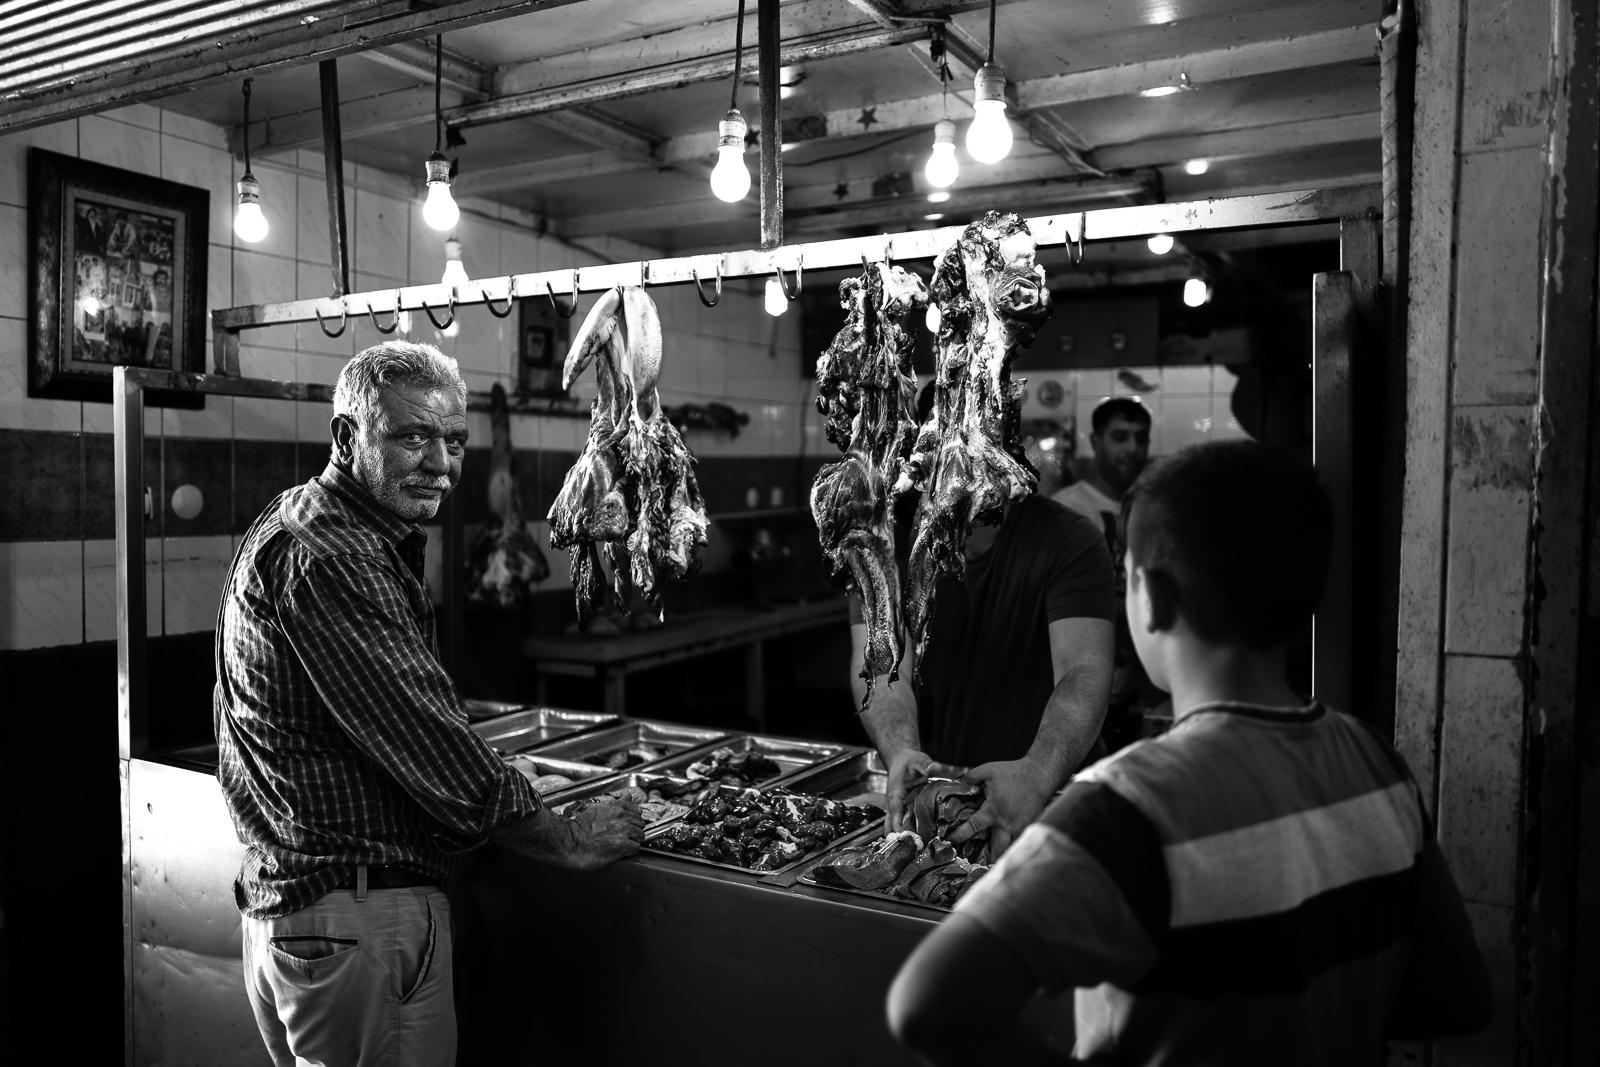 Meat bazaar in Diyarbakir (Turkey)